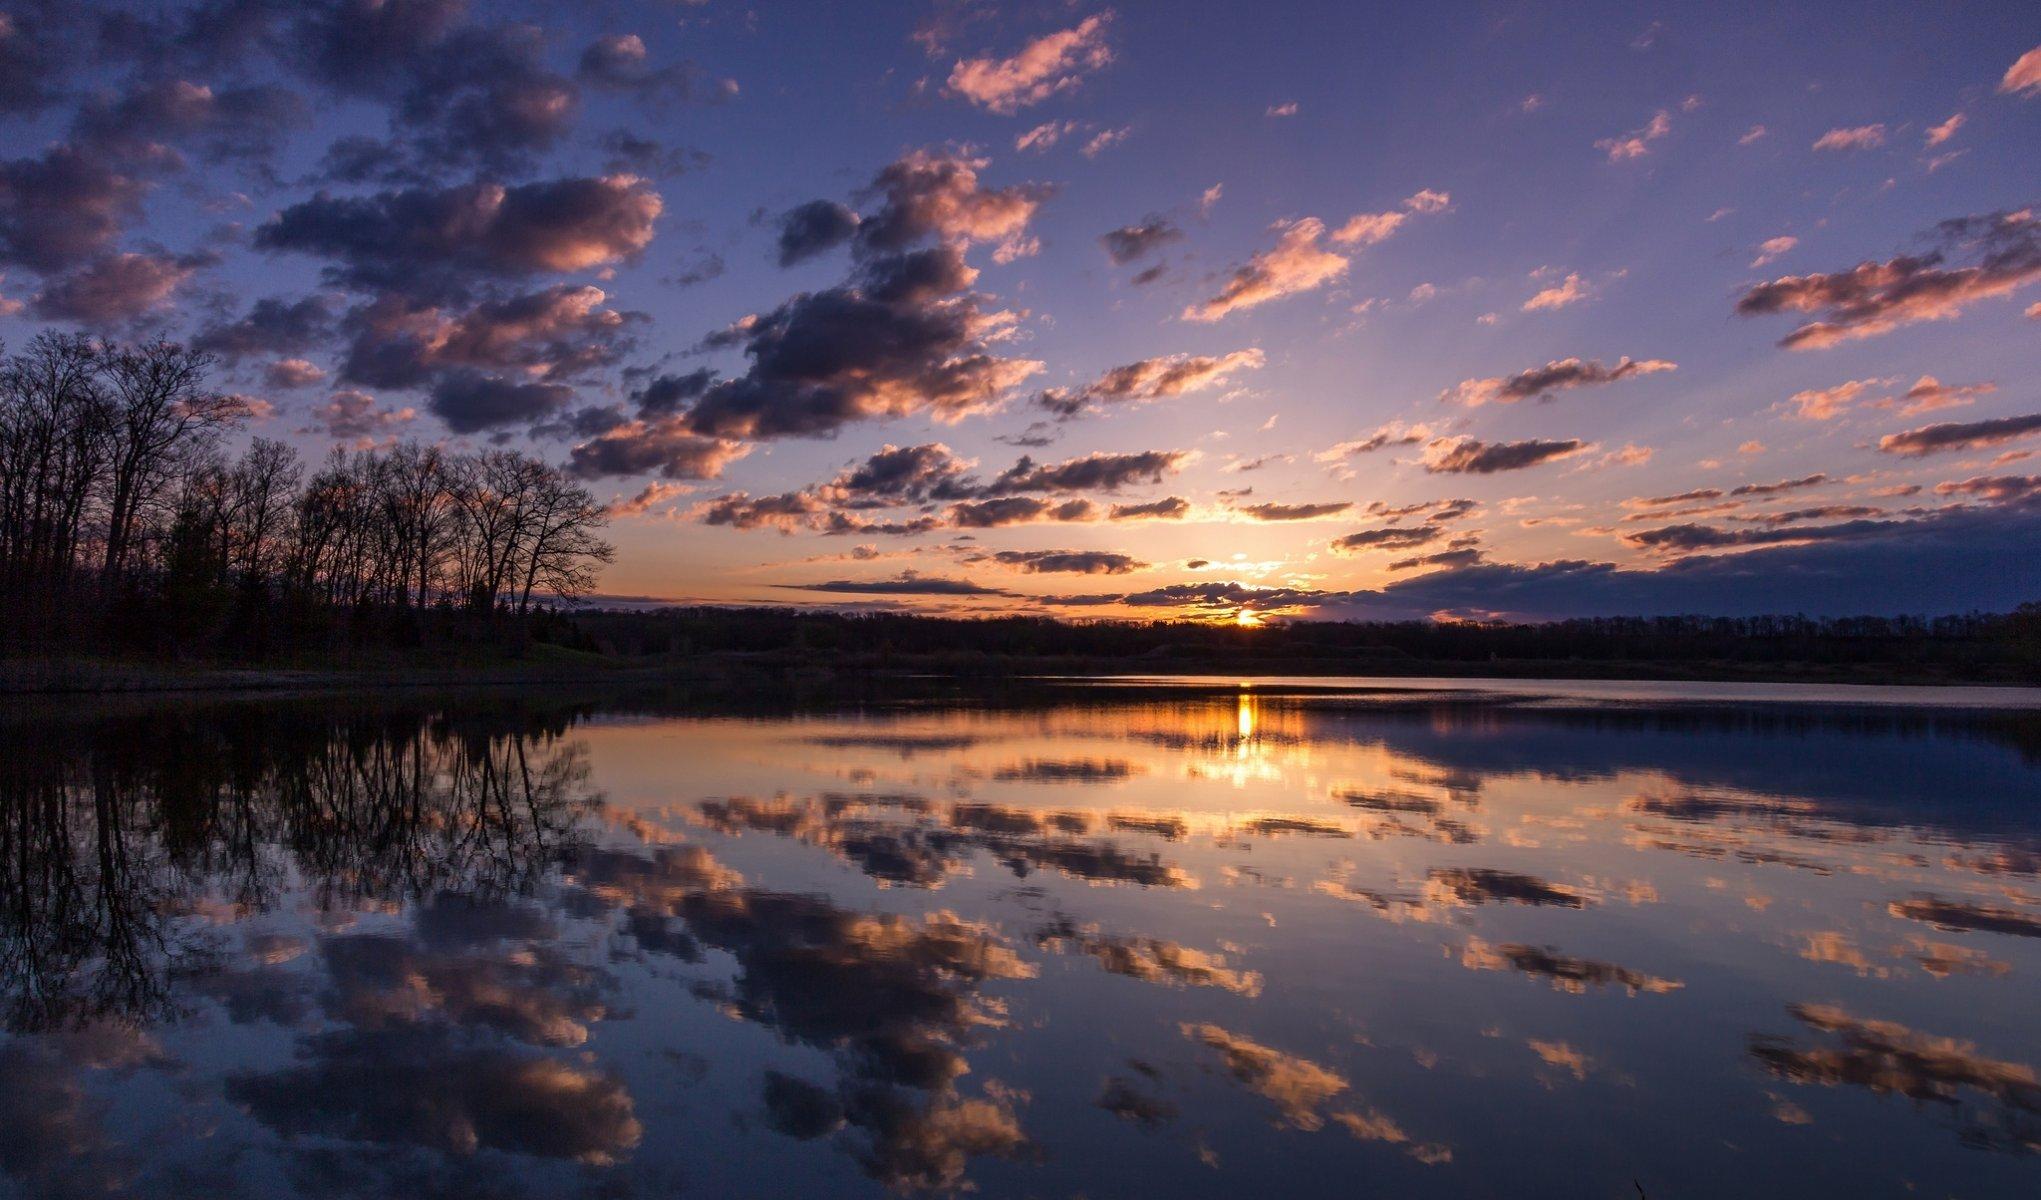 картинки на рабочий стол природа лес озера реки облака присутствии пациента